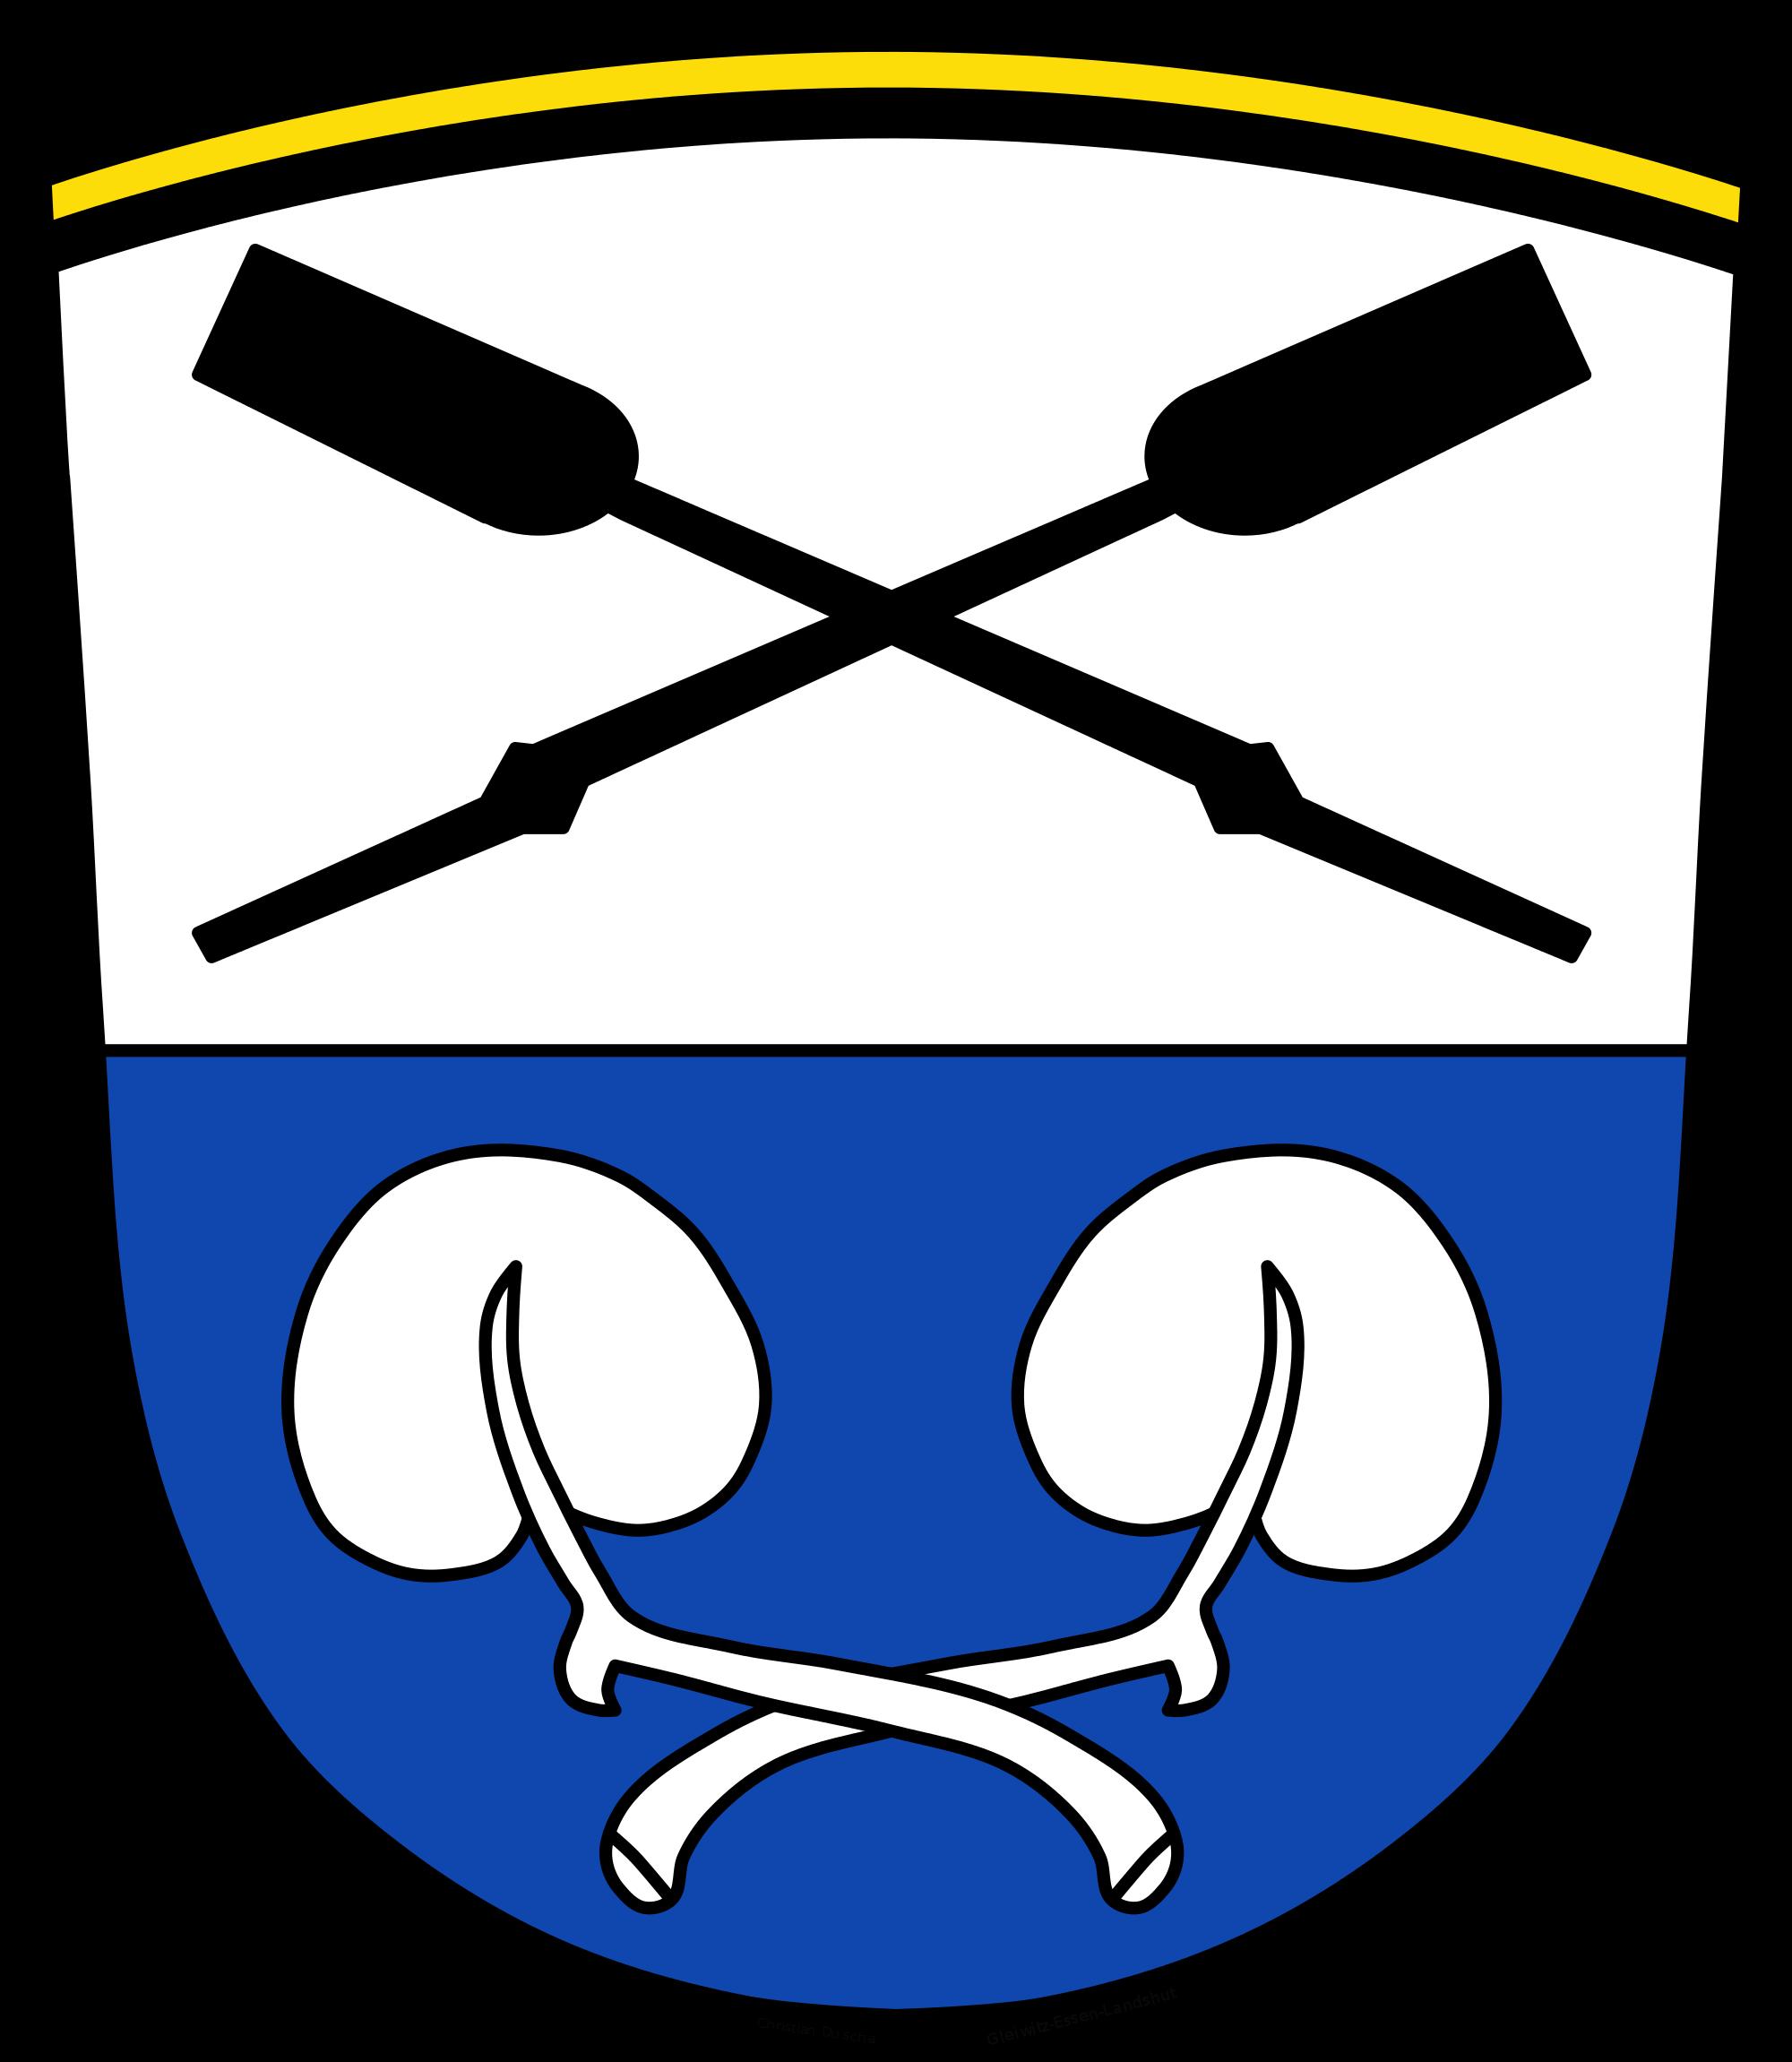 File:Wappen von Gstadt am Chiemsee.svg.